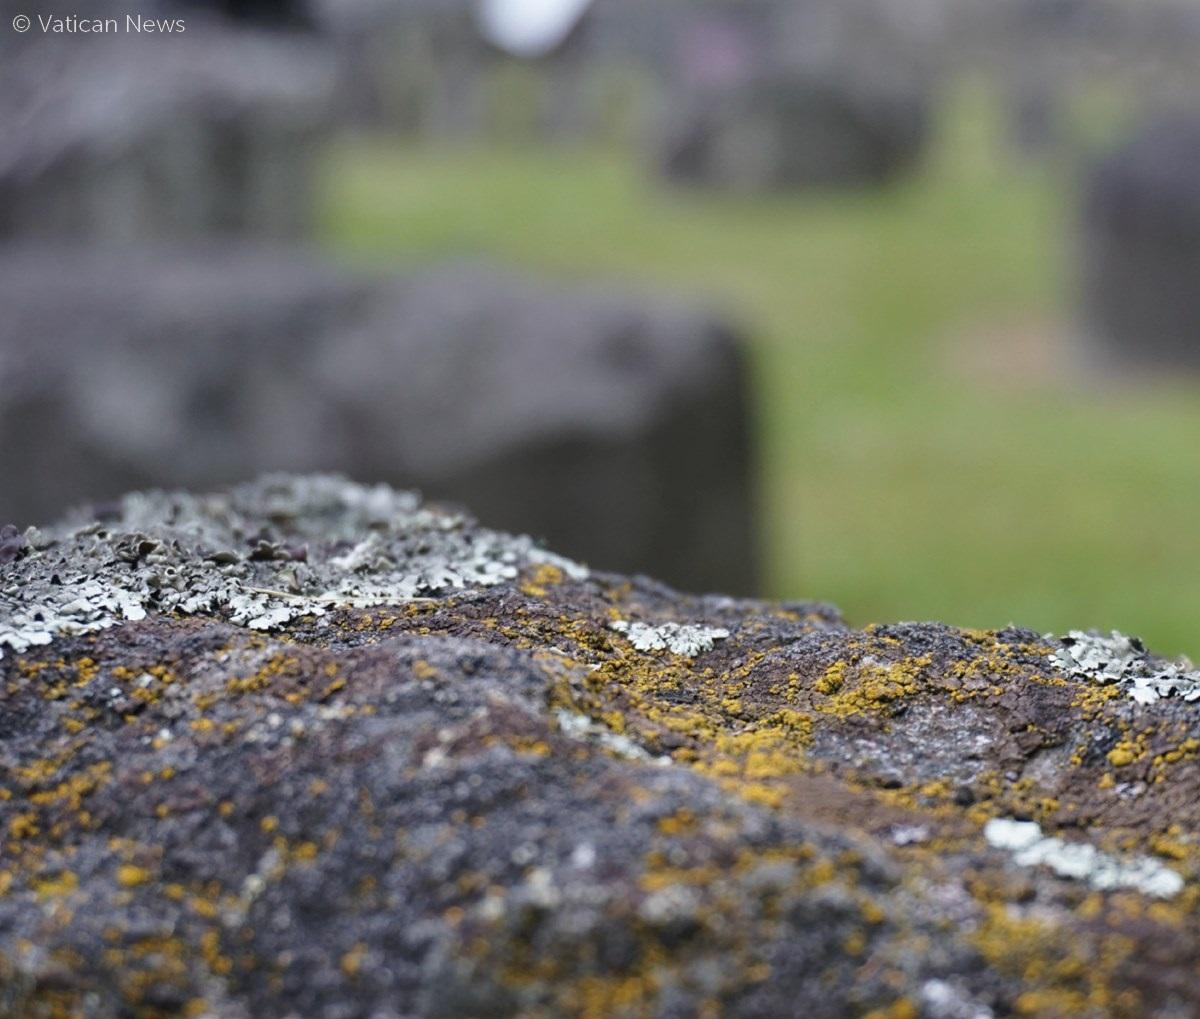 Tidak ada satu batupun akan dibiarkan terletak di atas batu yang lain